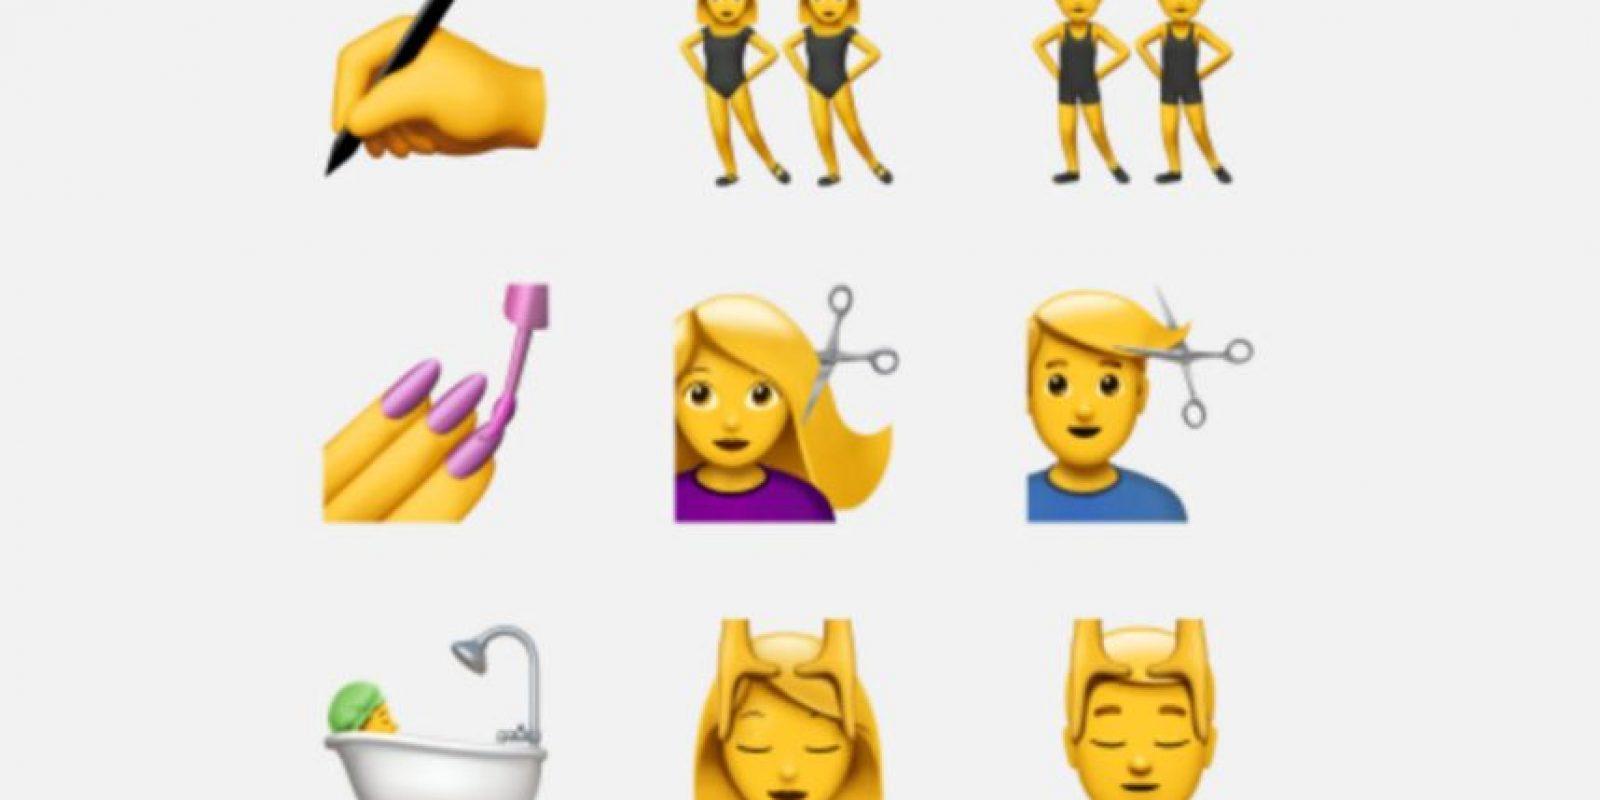 Esta es la nueva cara de los conocidos emojis. Foto:Apple. Imagen Por: